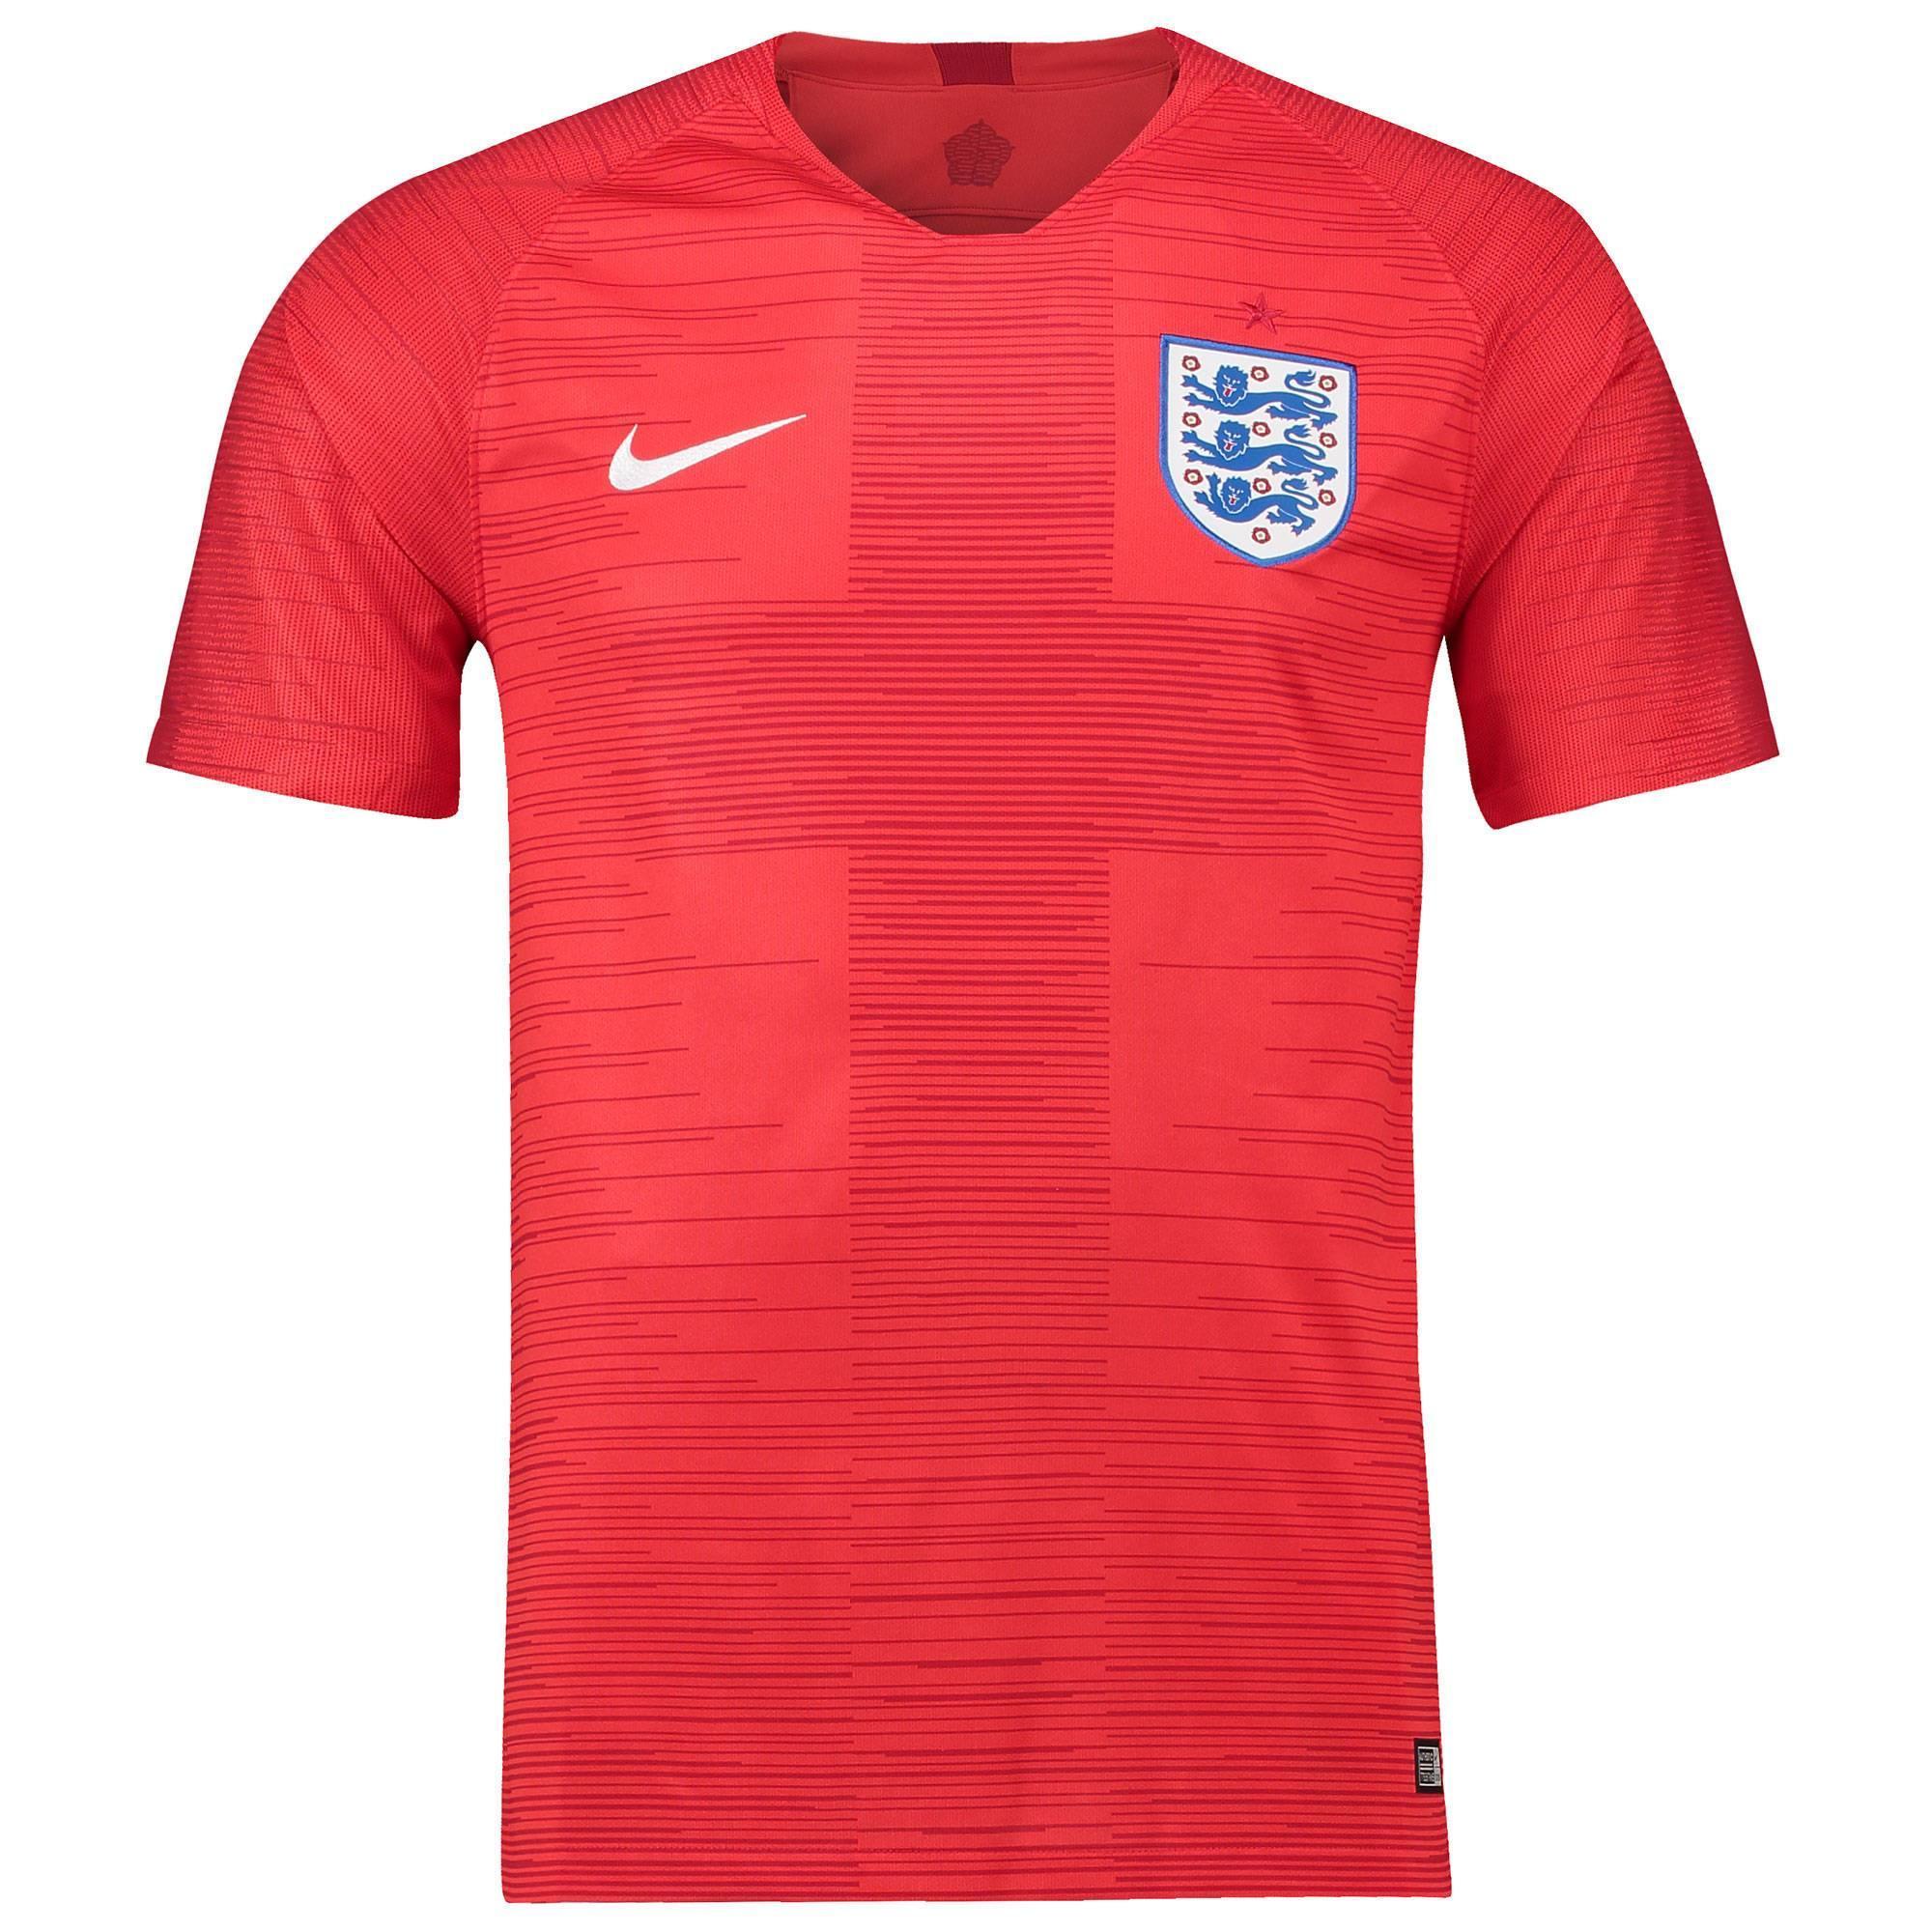 657140508d9 World Soccer Shop for sale - International Soccer Shop online brands ...